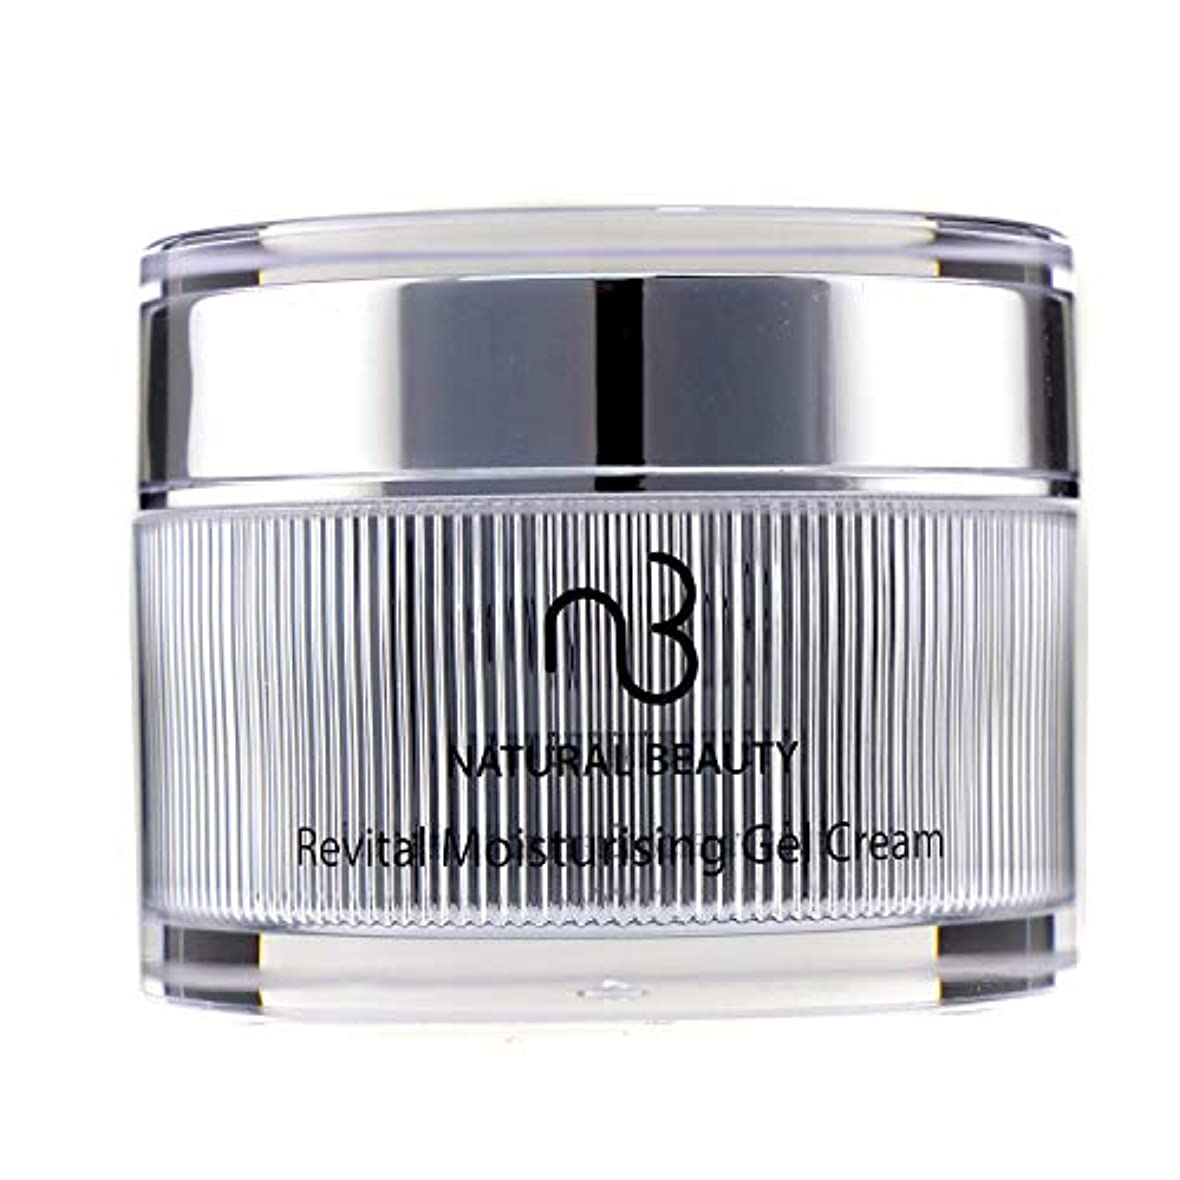 自然の美 リバイタルモイスチャライジングジェルクリーム Natural Beauty Revital Moisturising Gel Cream 50ml/1.7oz並行輸入品